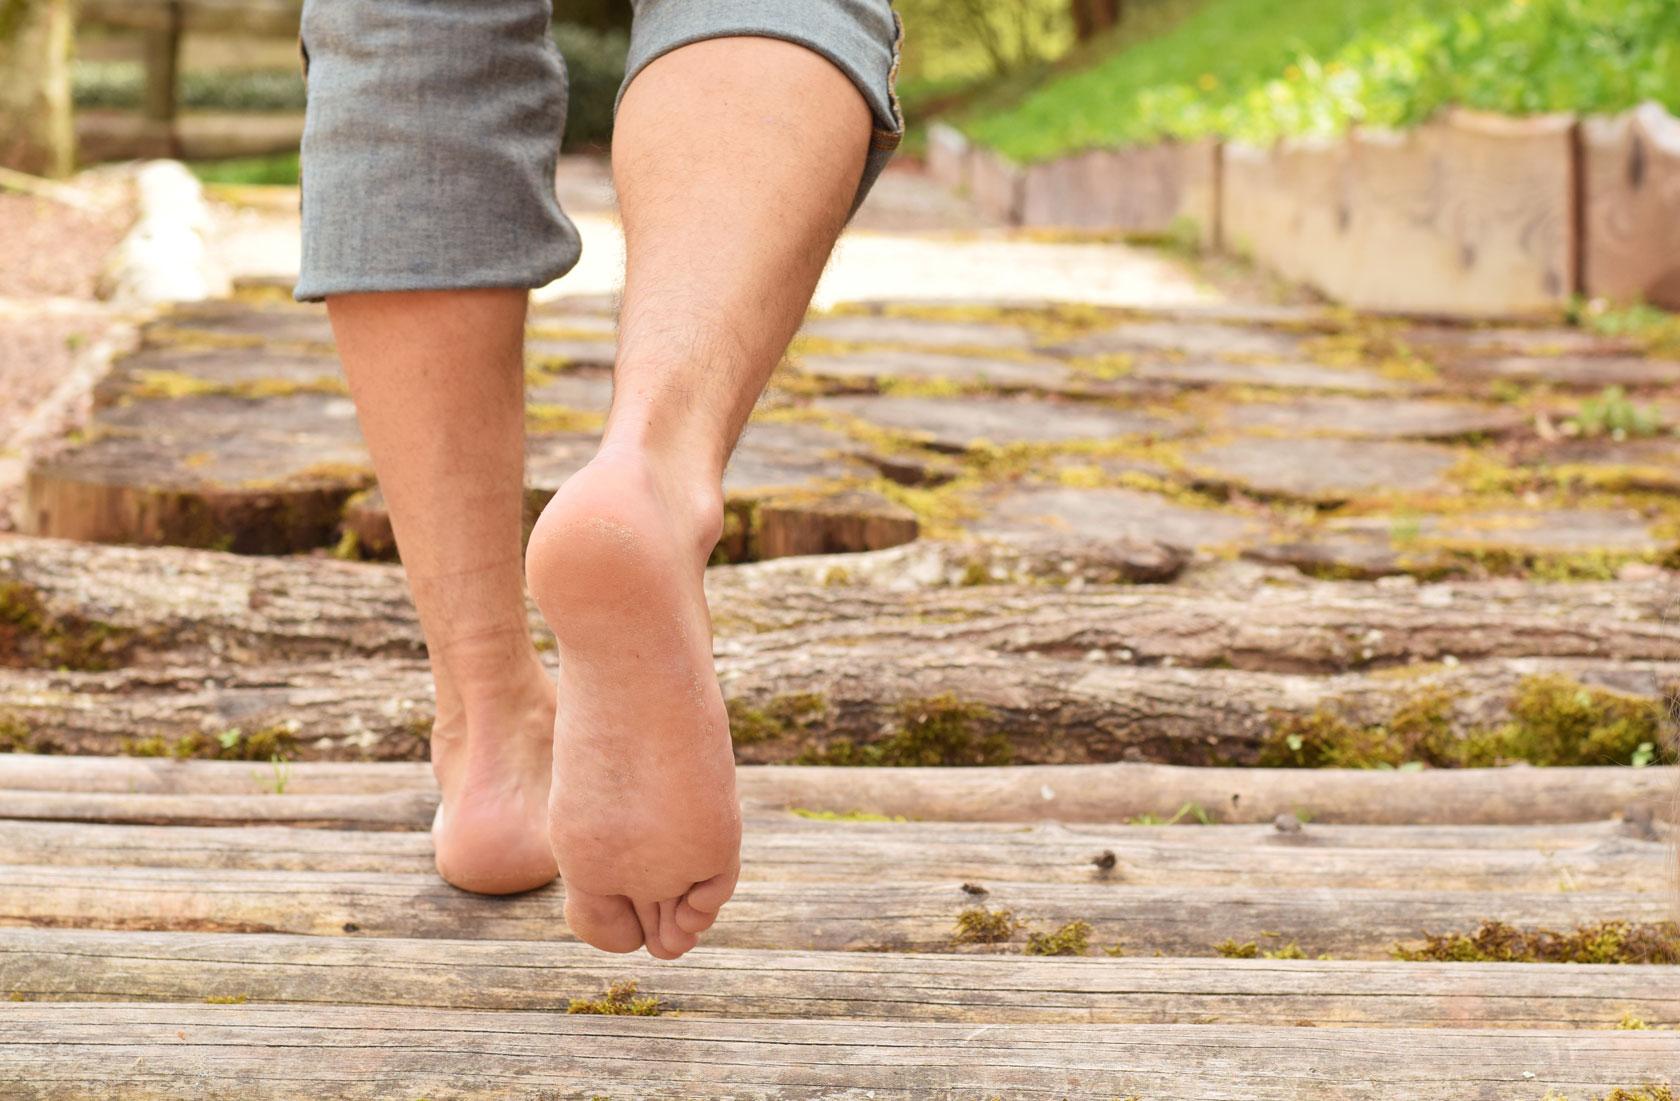 propriocezione movimento del piede